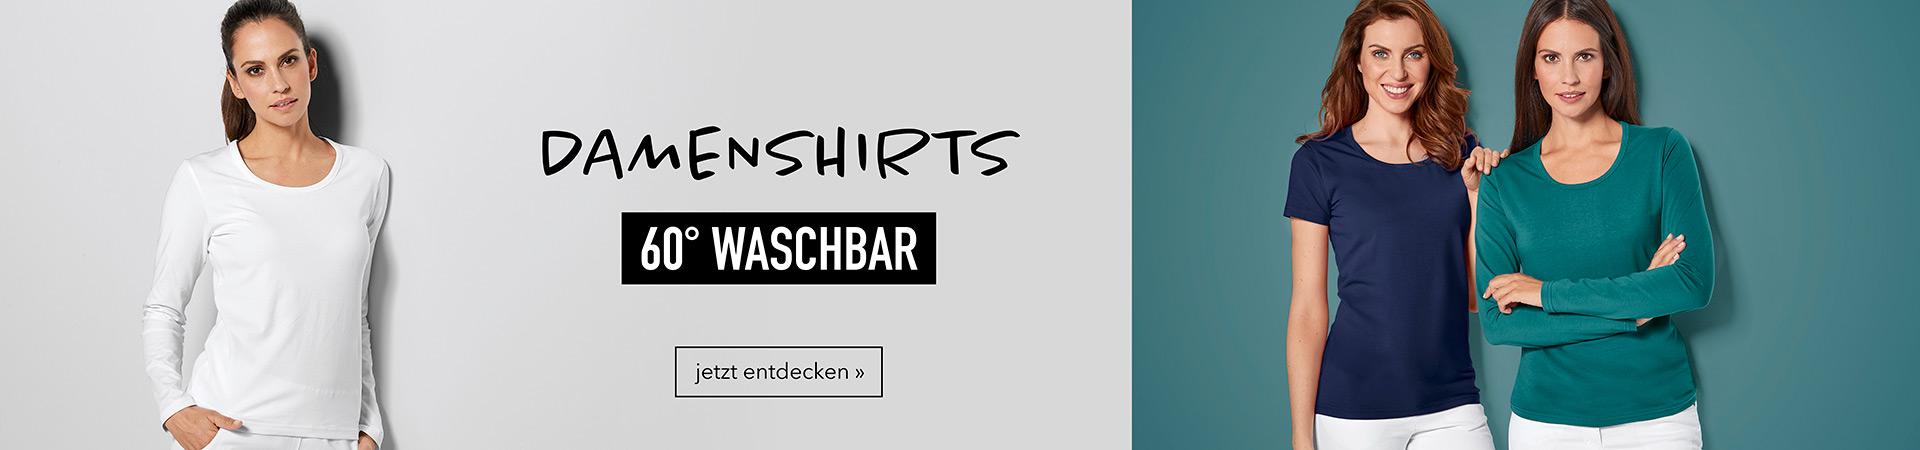 Damenshirts - 60° waschbar